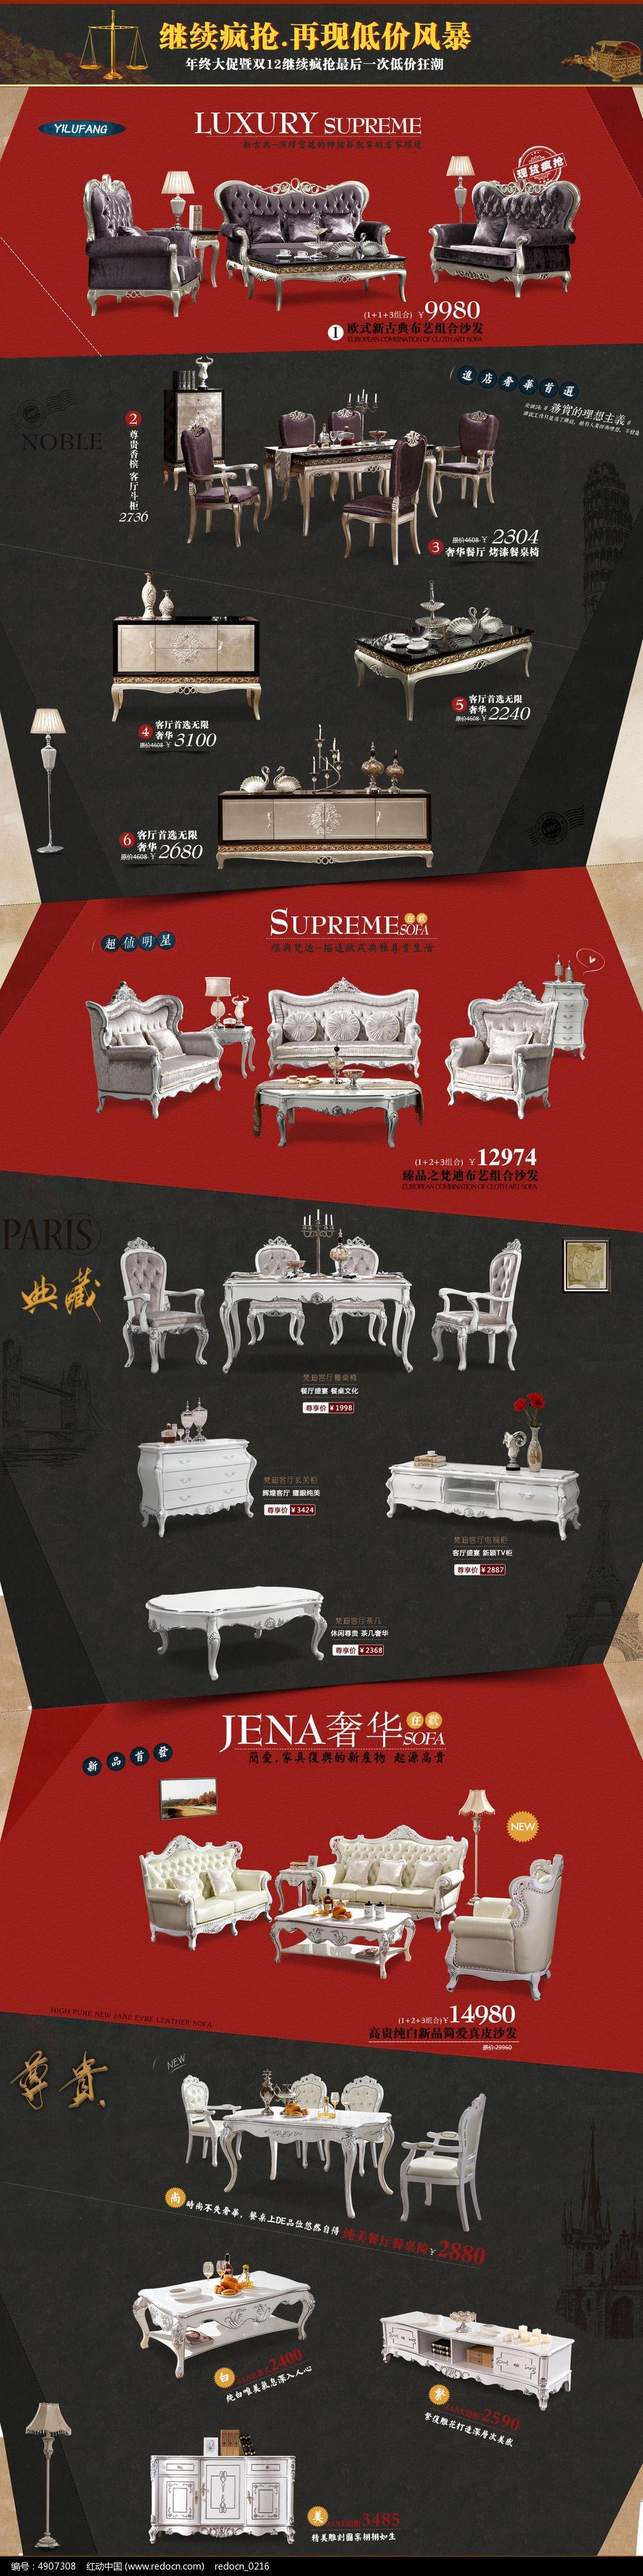 专题模板 专题设计 淘宝 天猫 欧式家具 双12 欧式沙发 古典布艺